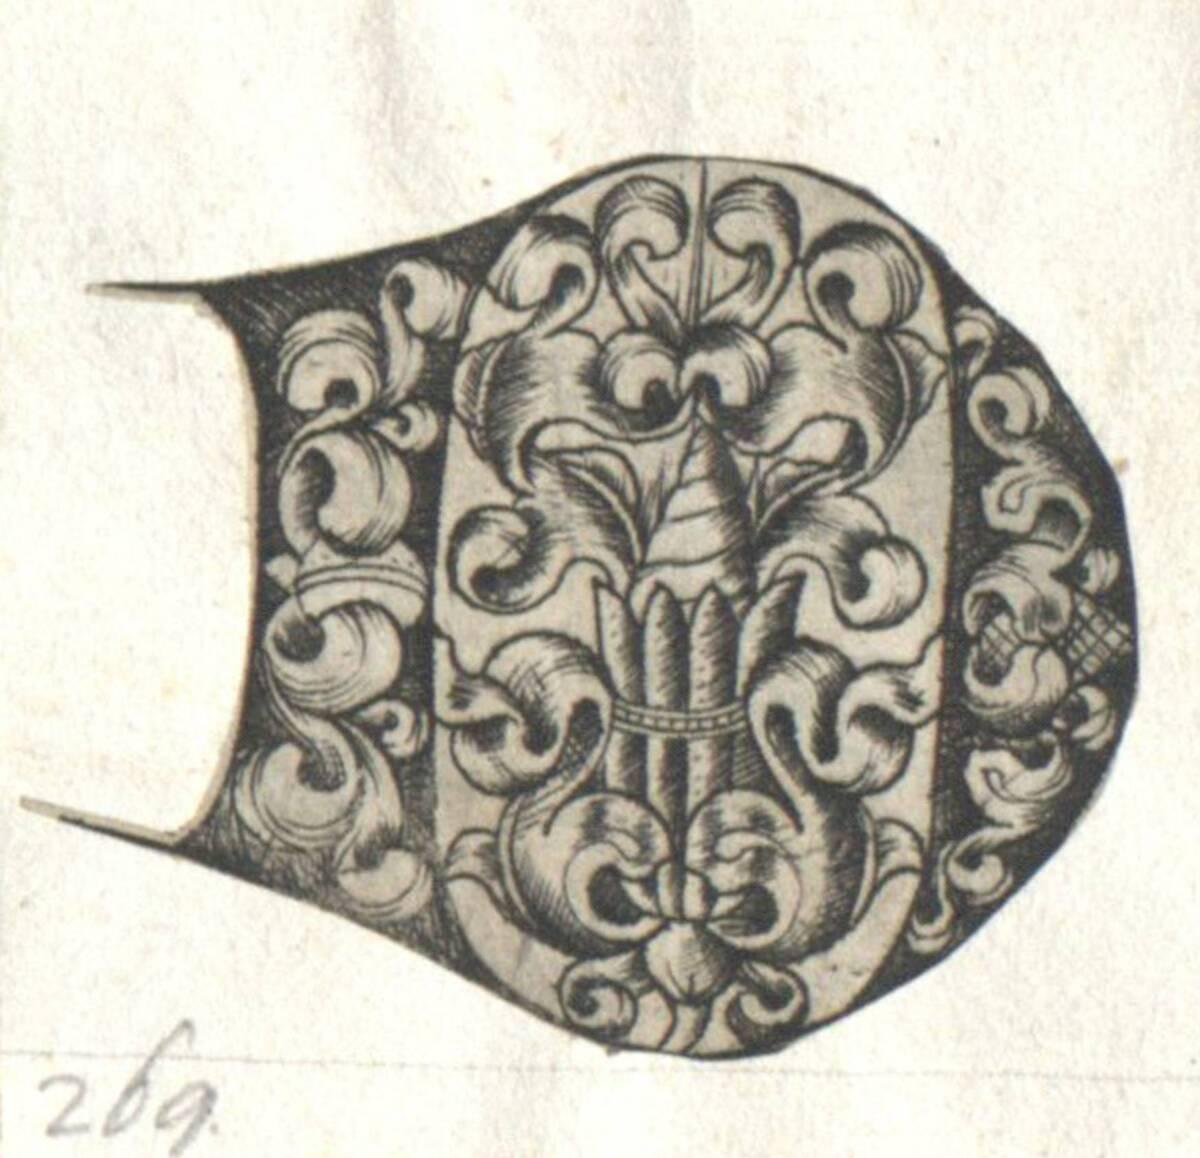 Der Buchstabe D eines gotischen Alphabetes in der Art des I. van Meckenem, c. 1480, ausgeschnitten (vom Bearbeiter vergebener Titel) von Anonym